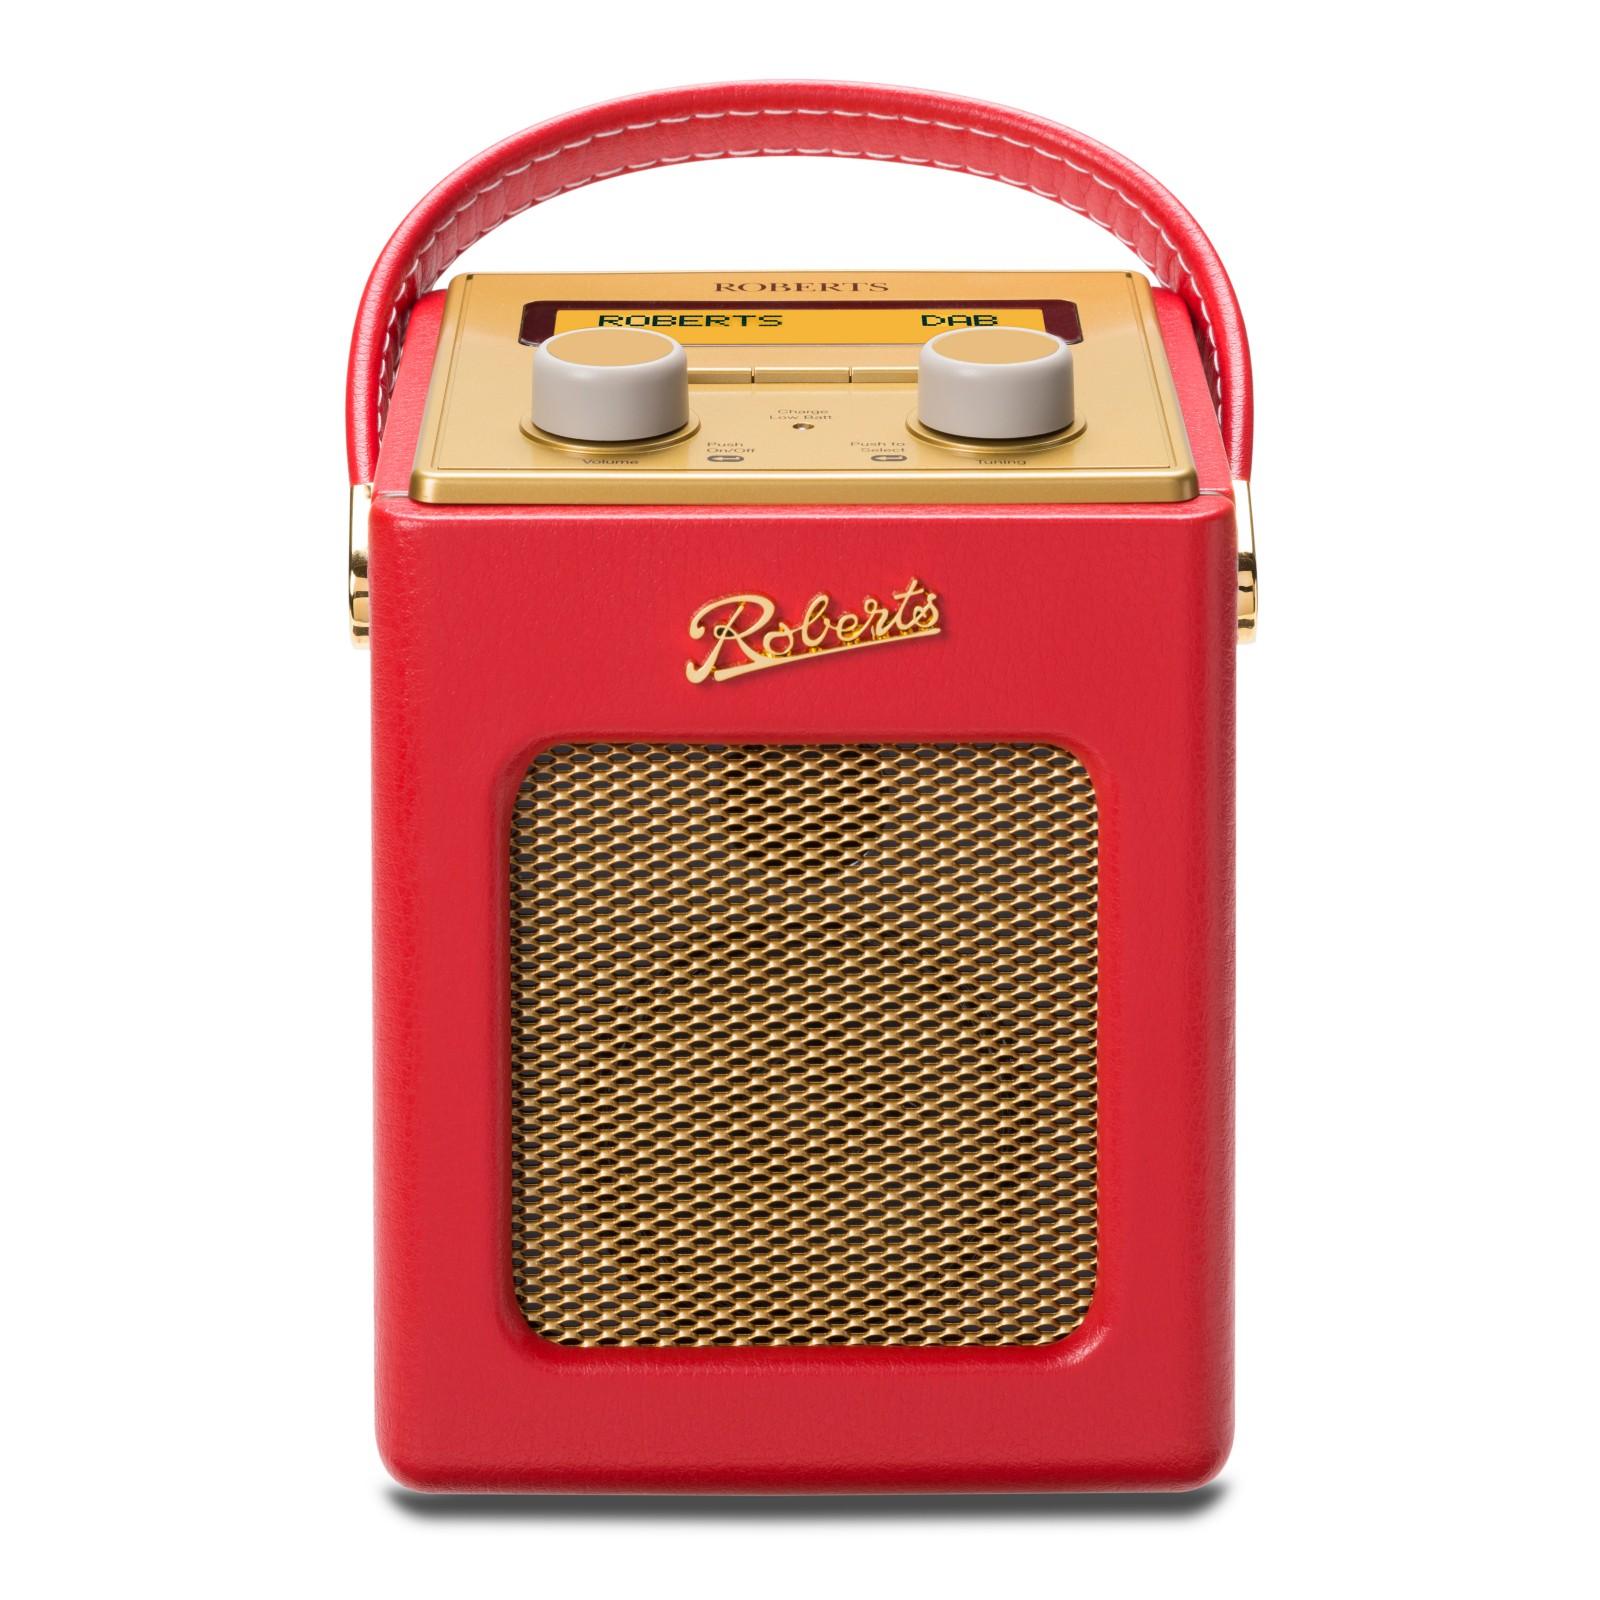 ROBERTS Revival Mini DAB/FM Digital Radio Red